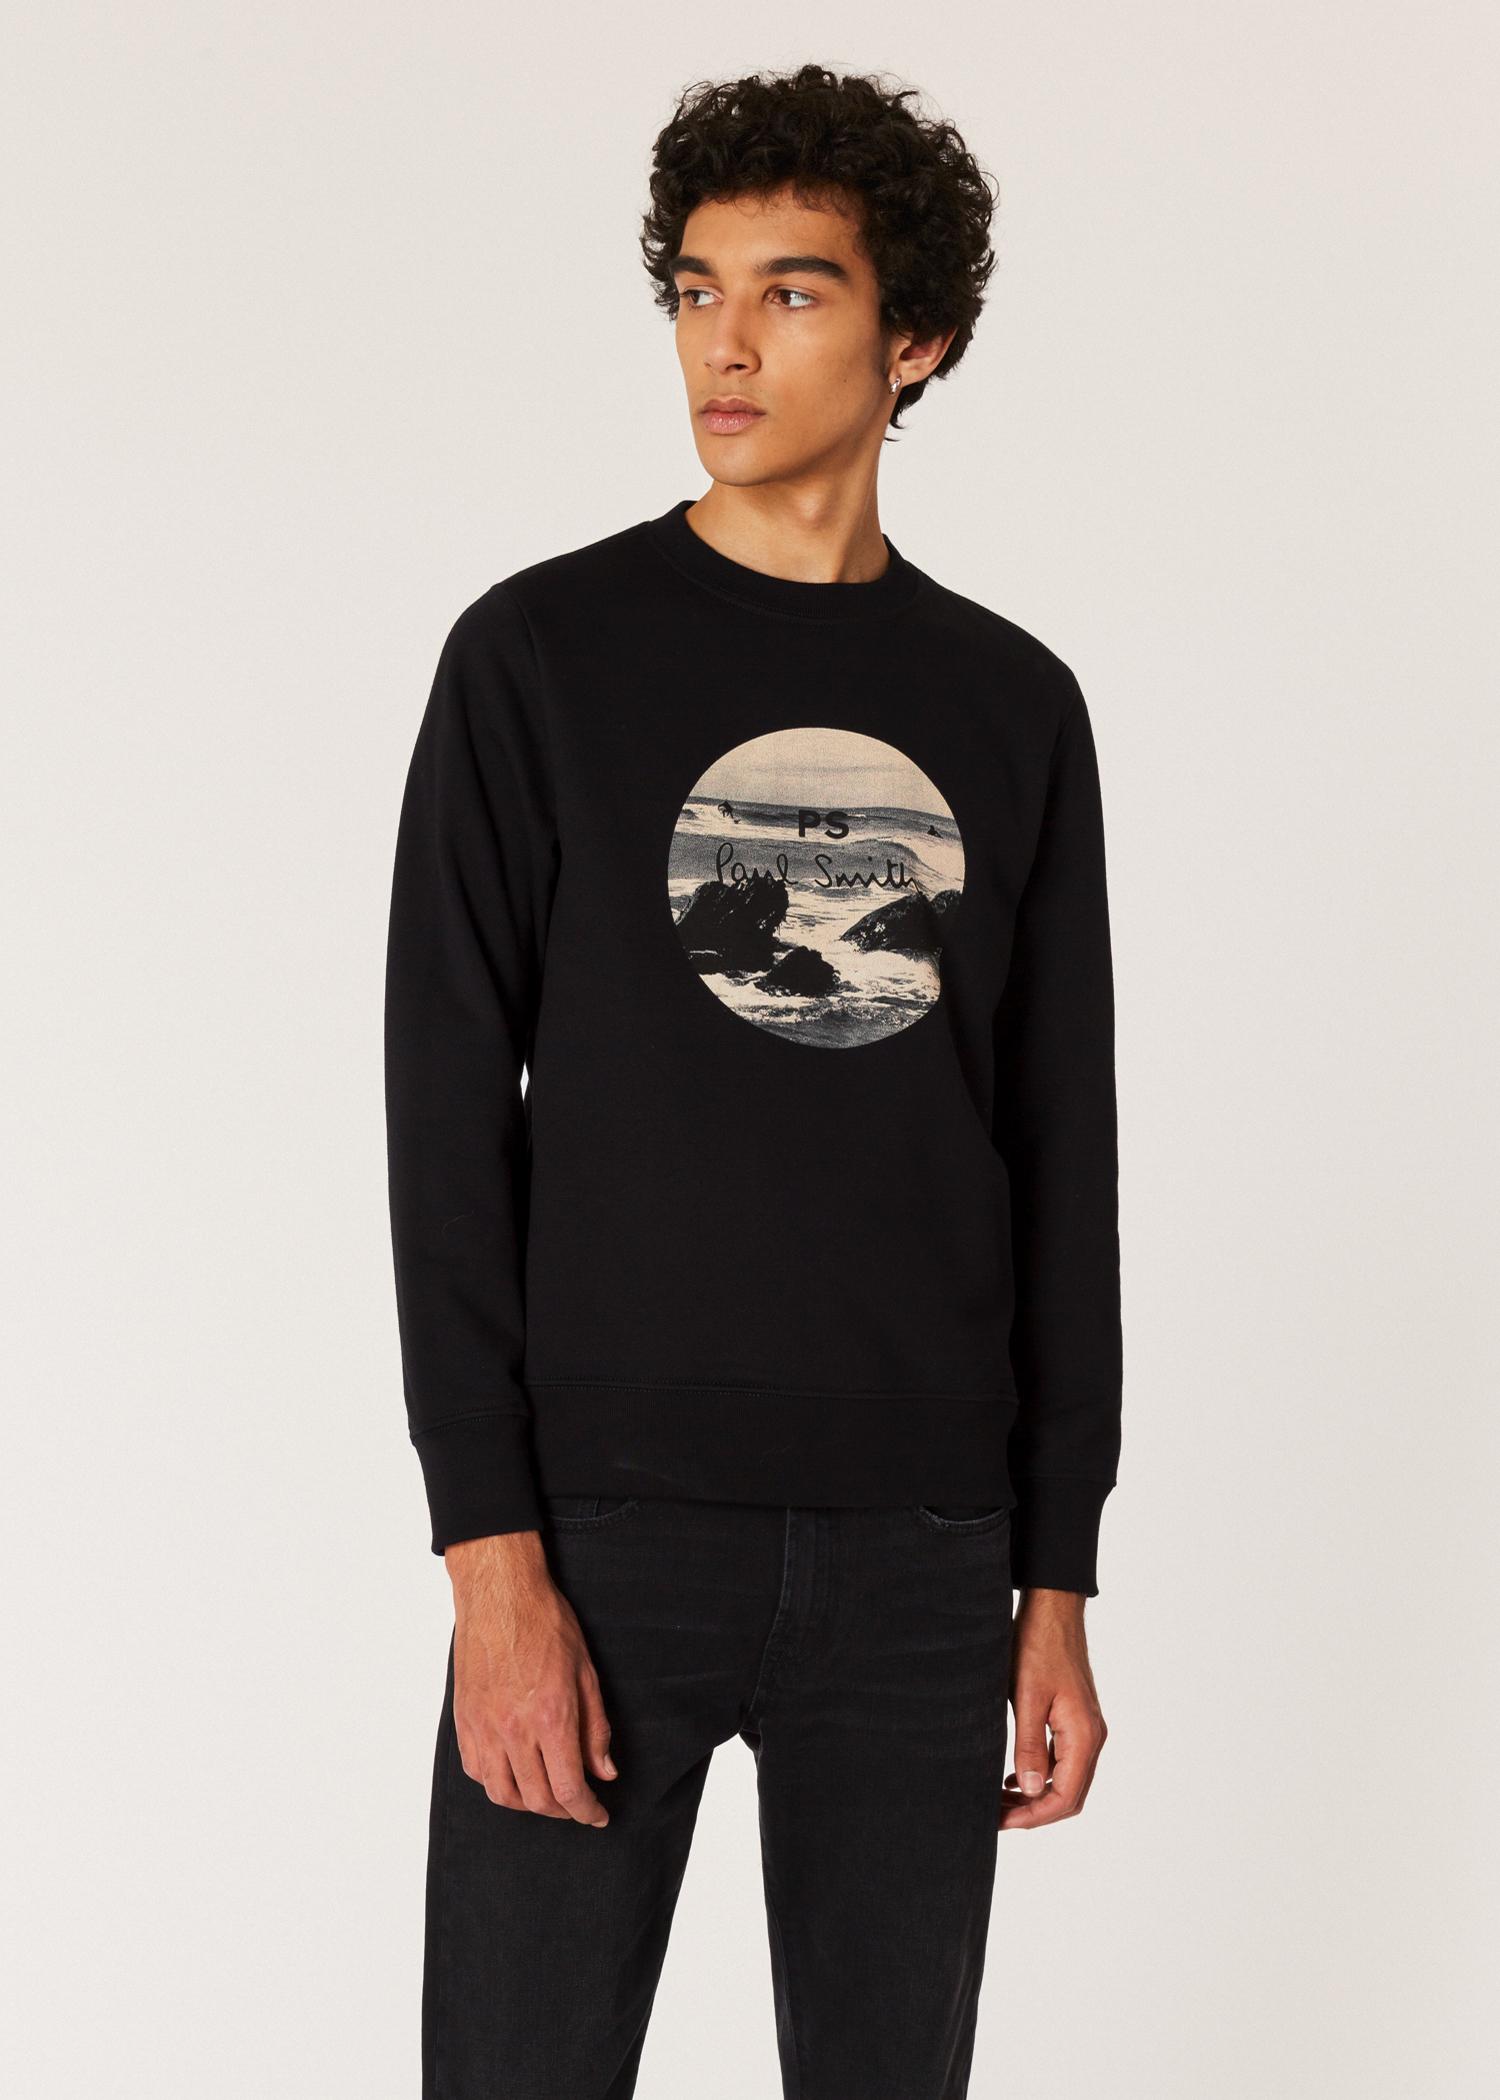 6314be6dca8 Vue mannequin face zoom - Sweatshirt Homme Noir  Circle Surf  En Coton Bio  Paul